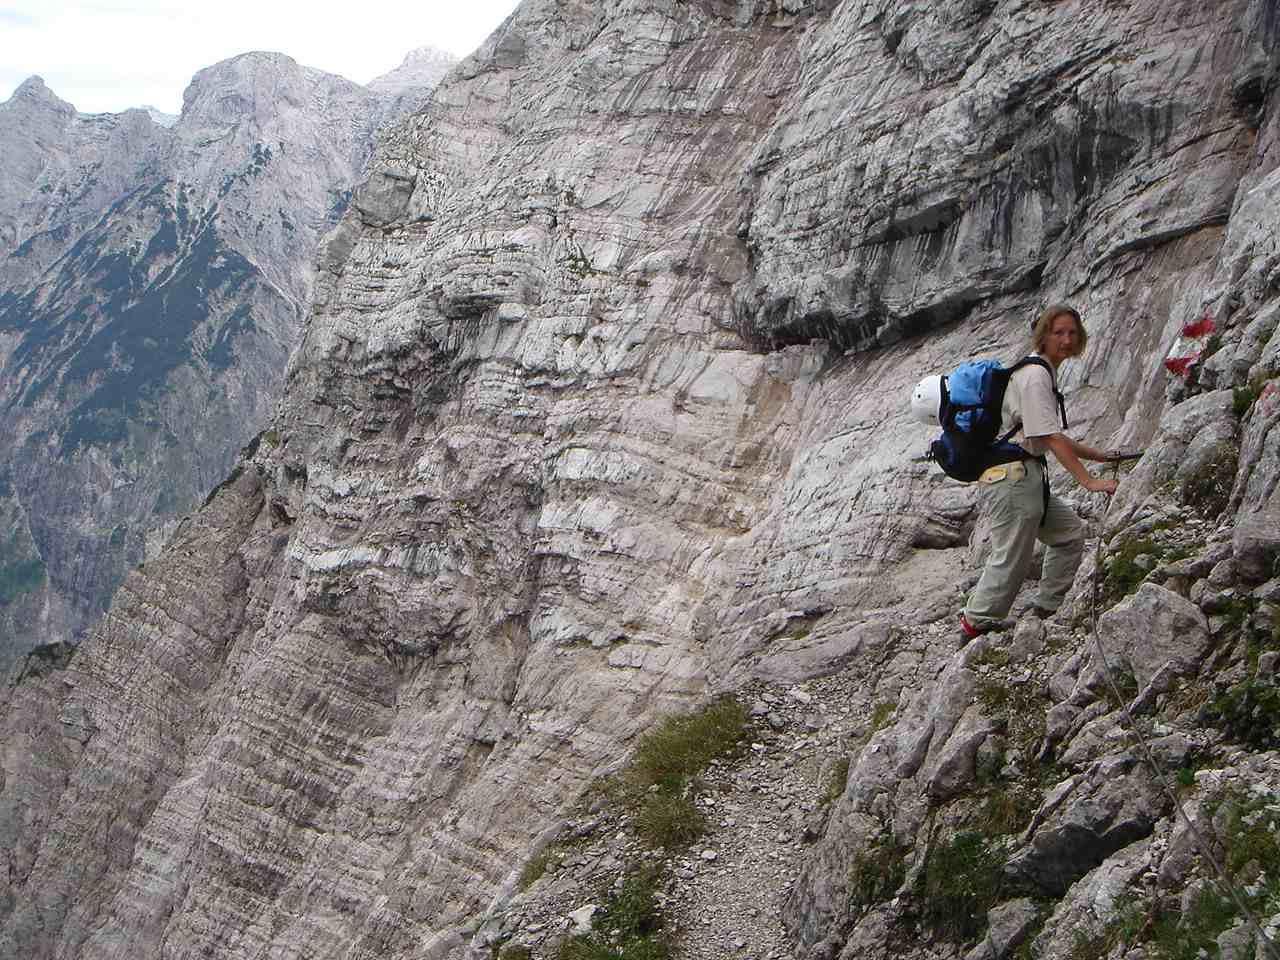 Foto: Manfred Karl / Wander Tour / Auf den Zwölfer über den Grießkarsteig / Im Bereich des Urban-Bandes. / 18.05.2007 23:49:58